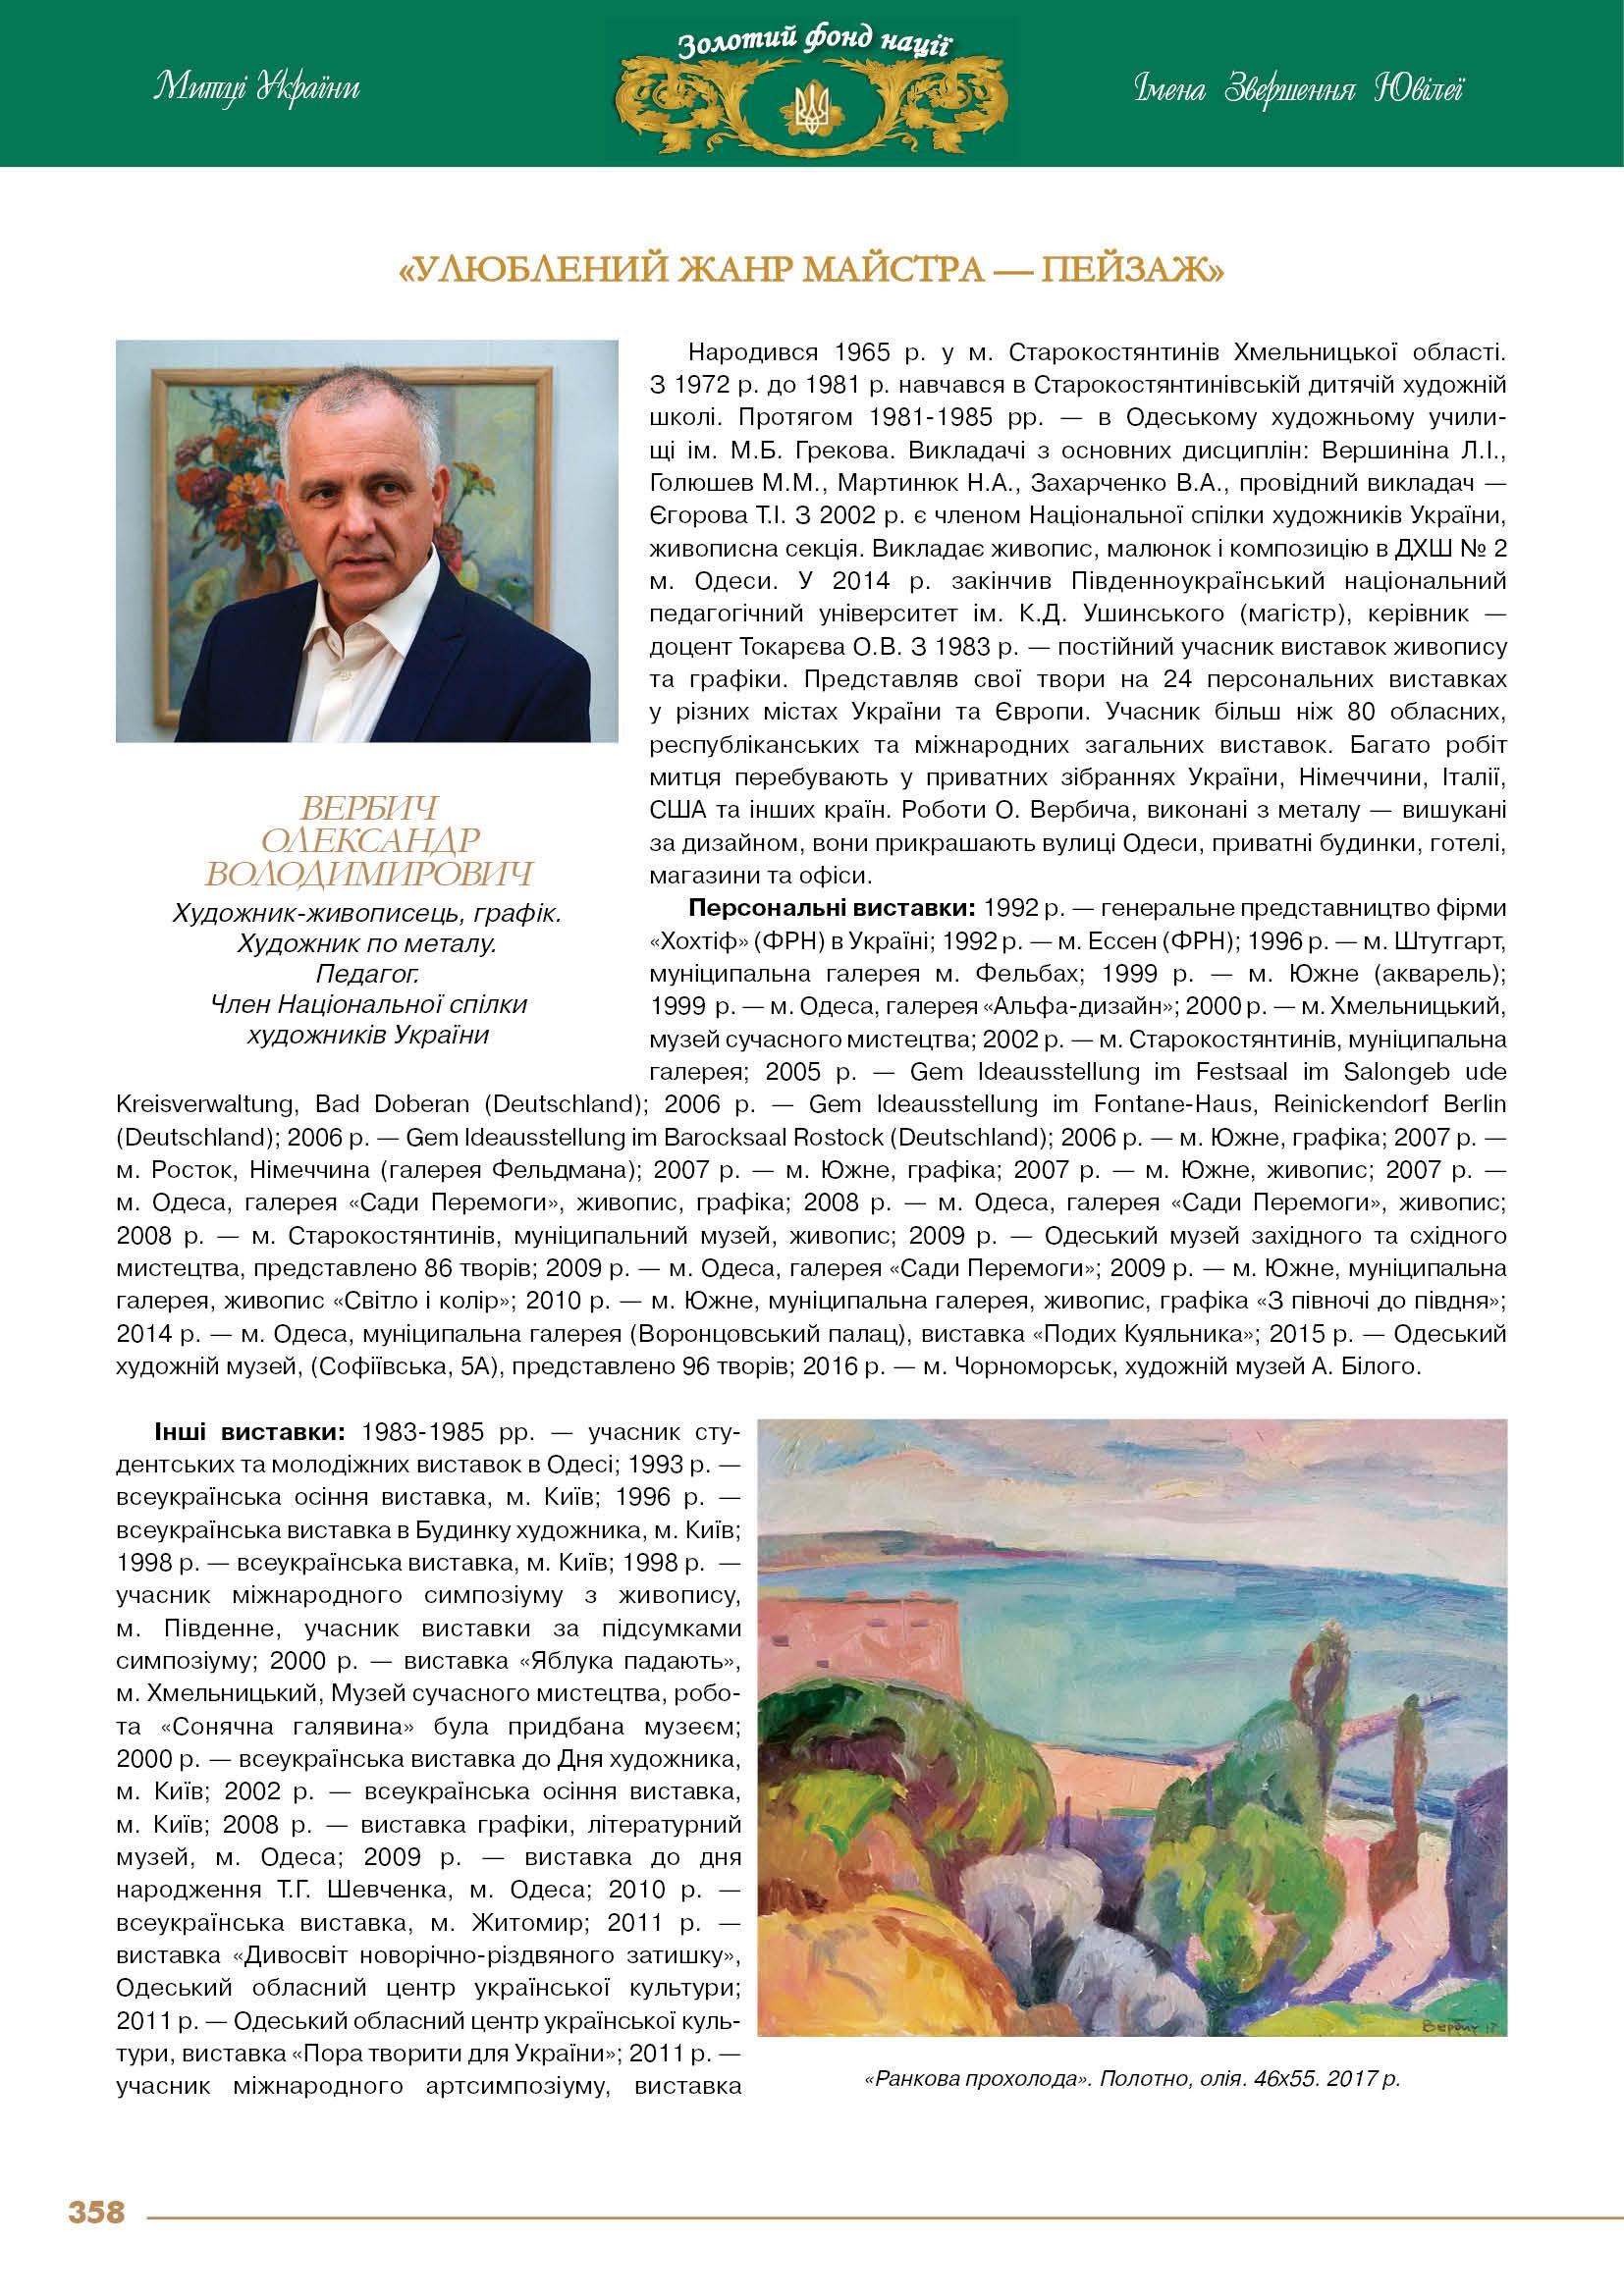 Вербич Олександр Володимирович